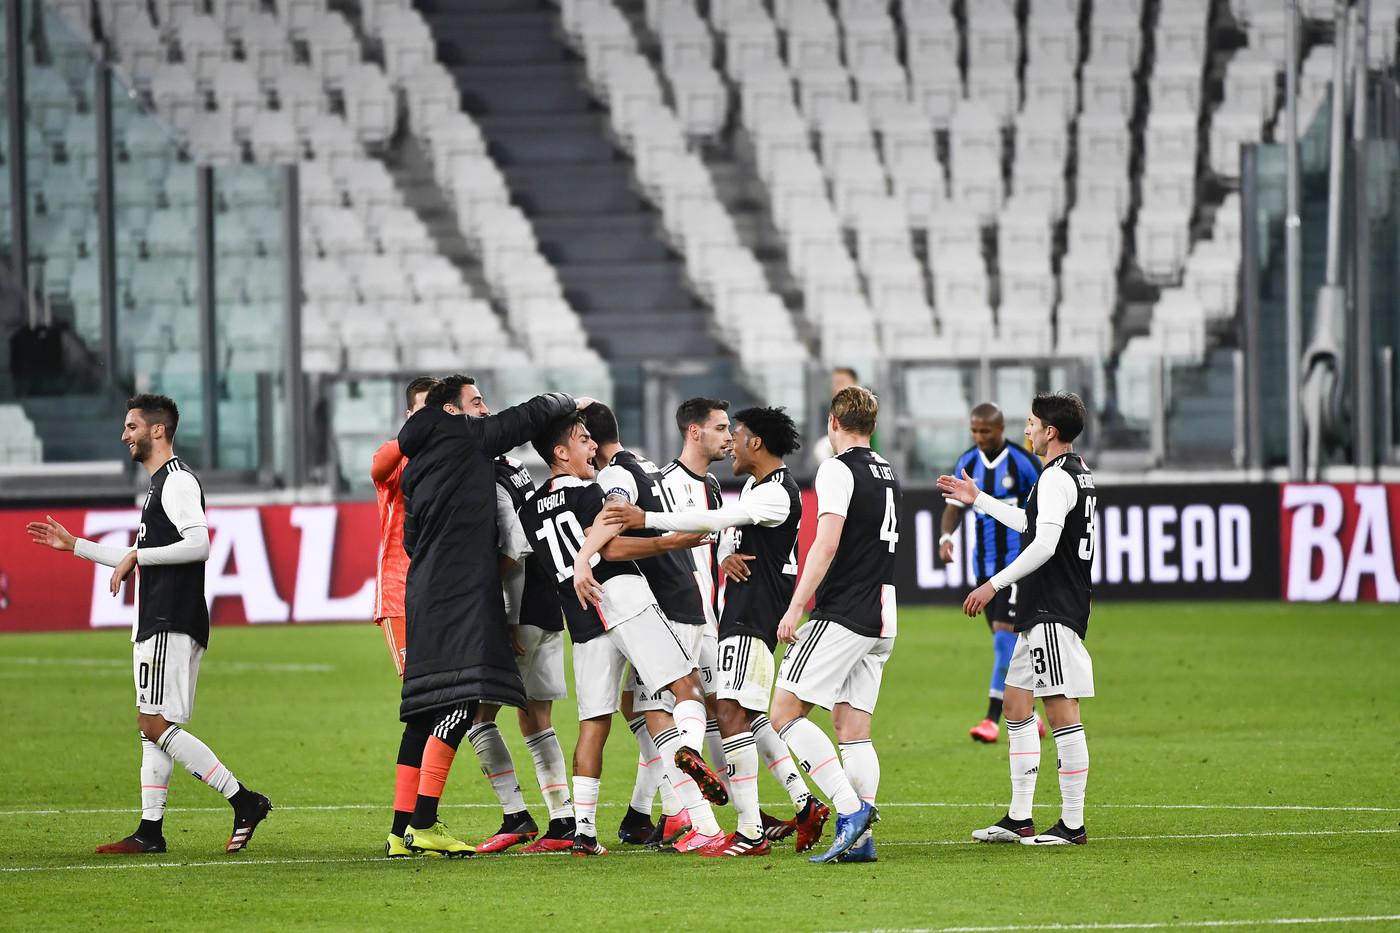 Serie A, Juve torna leader: Inter spuntata cade 2-0, addio allo scudetto